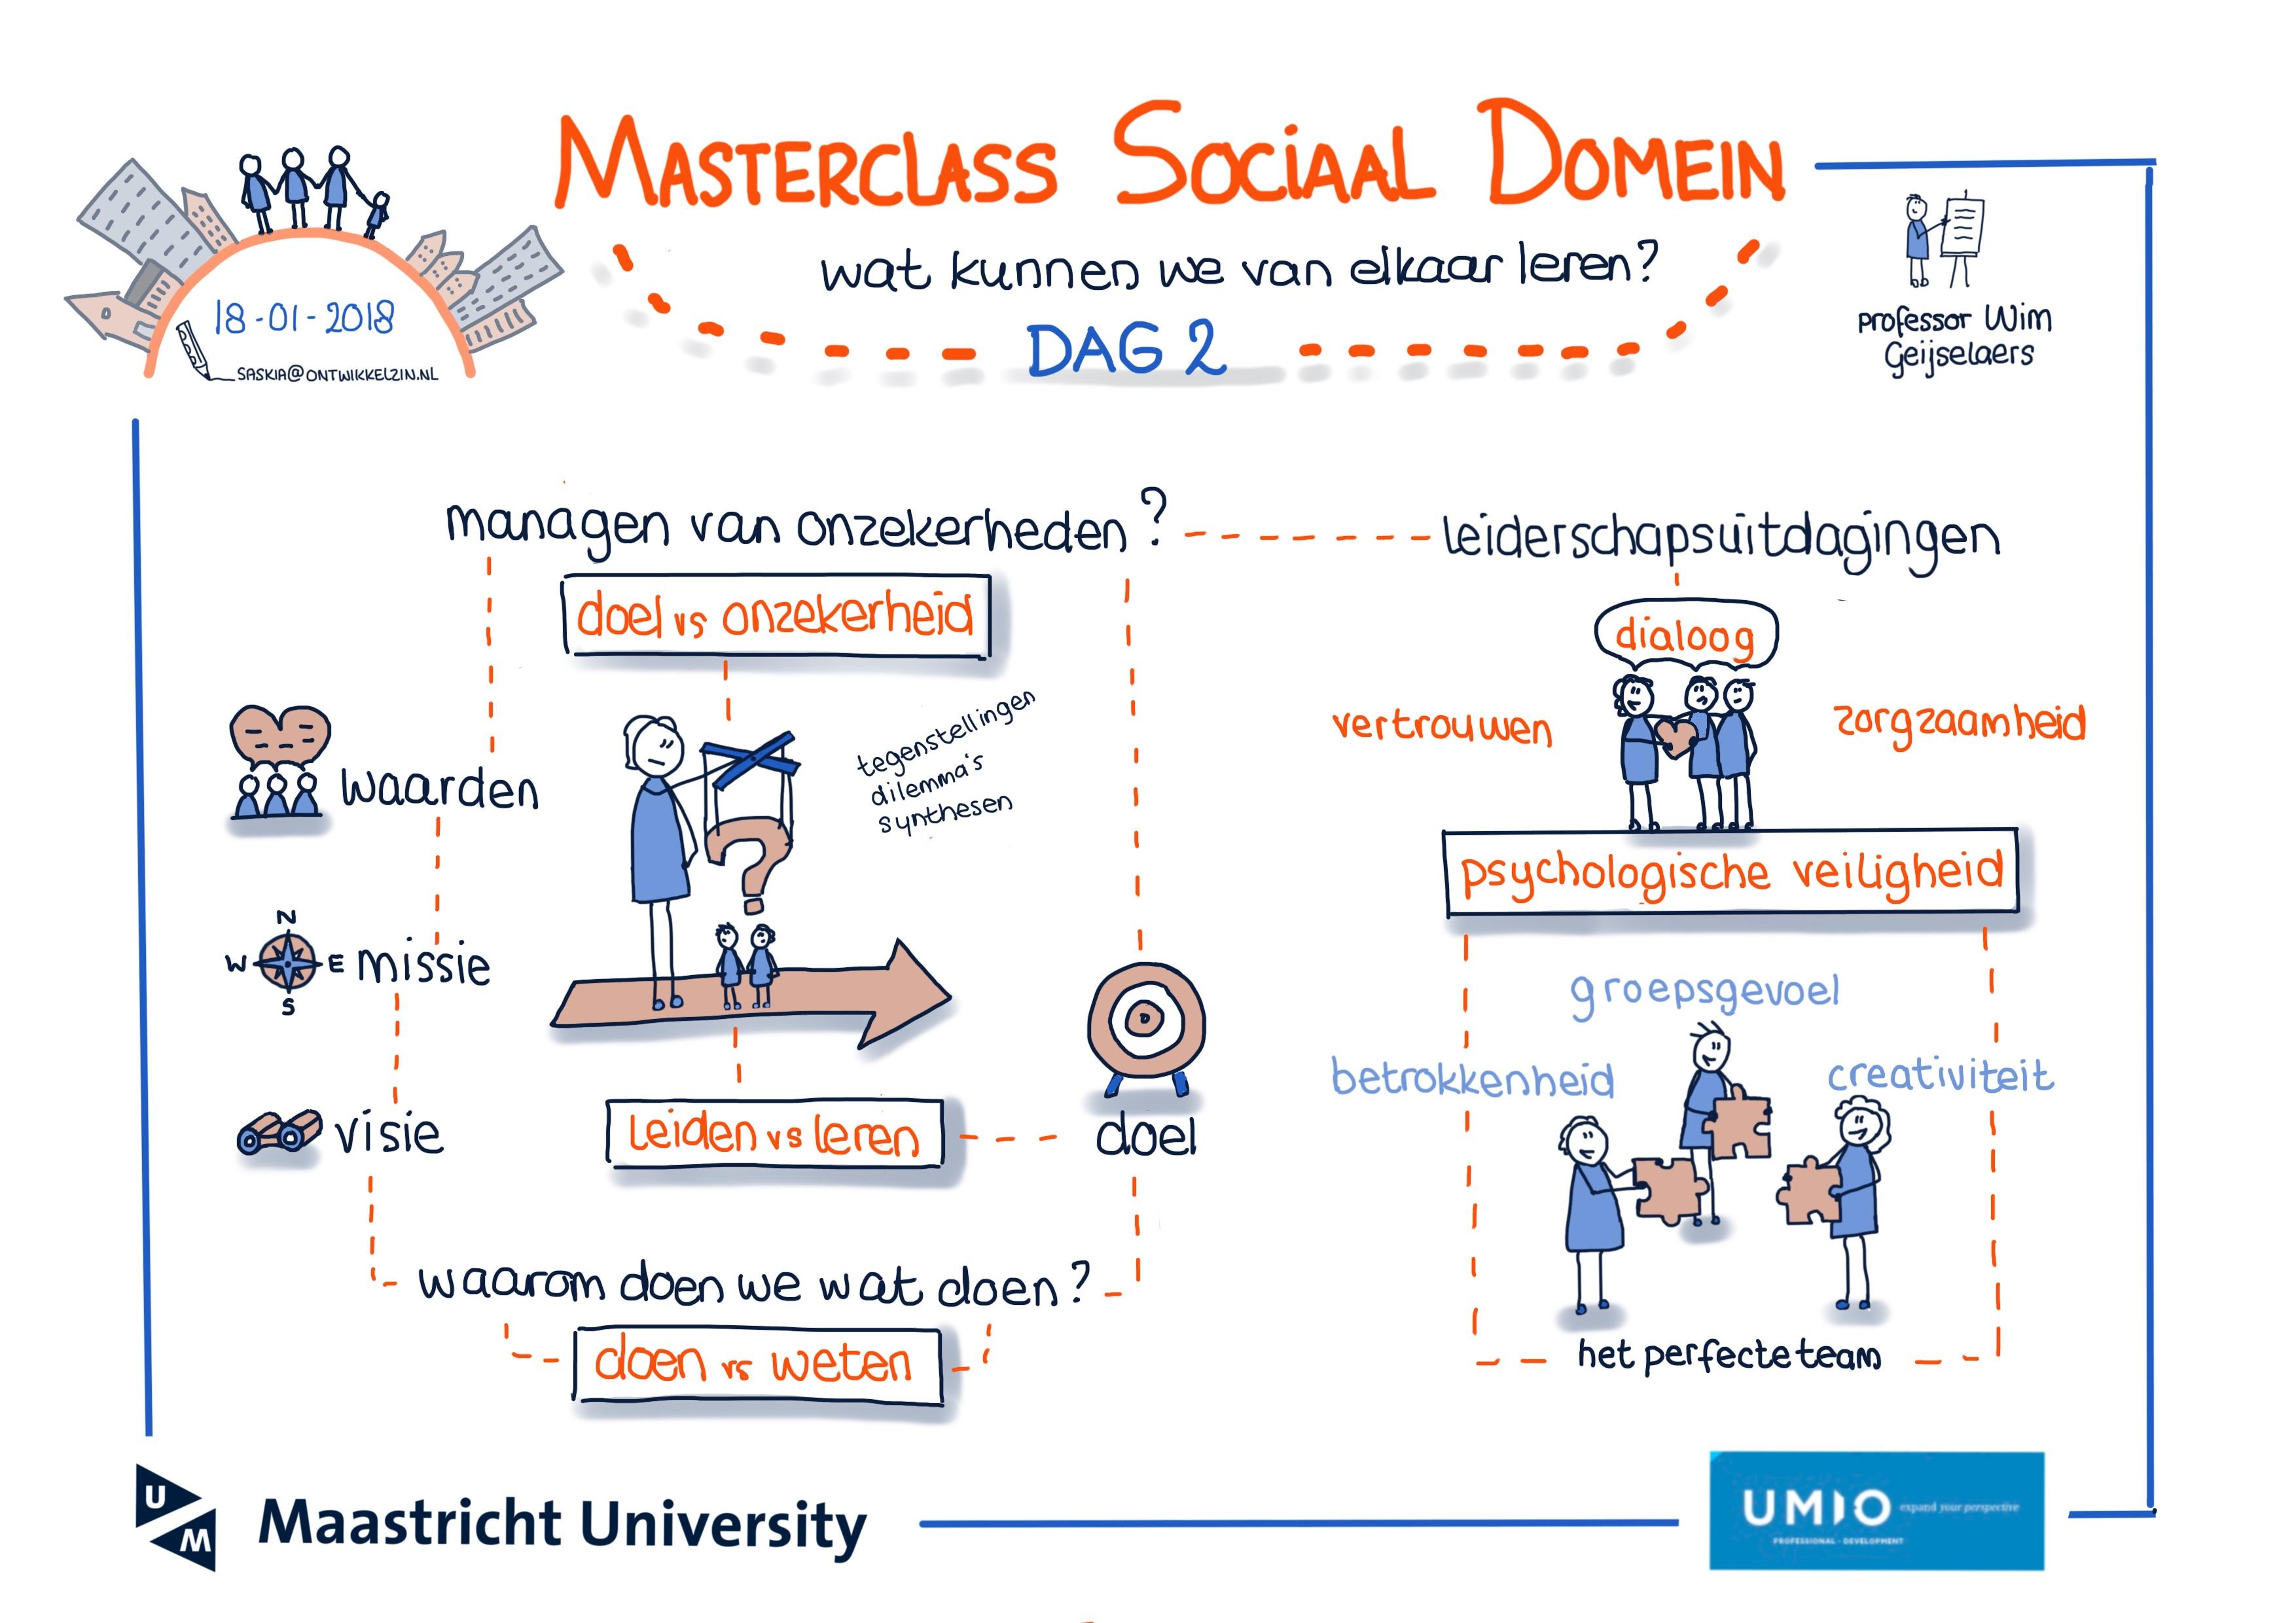 Masterclass Sociaal Domein Maastricht University